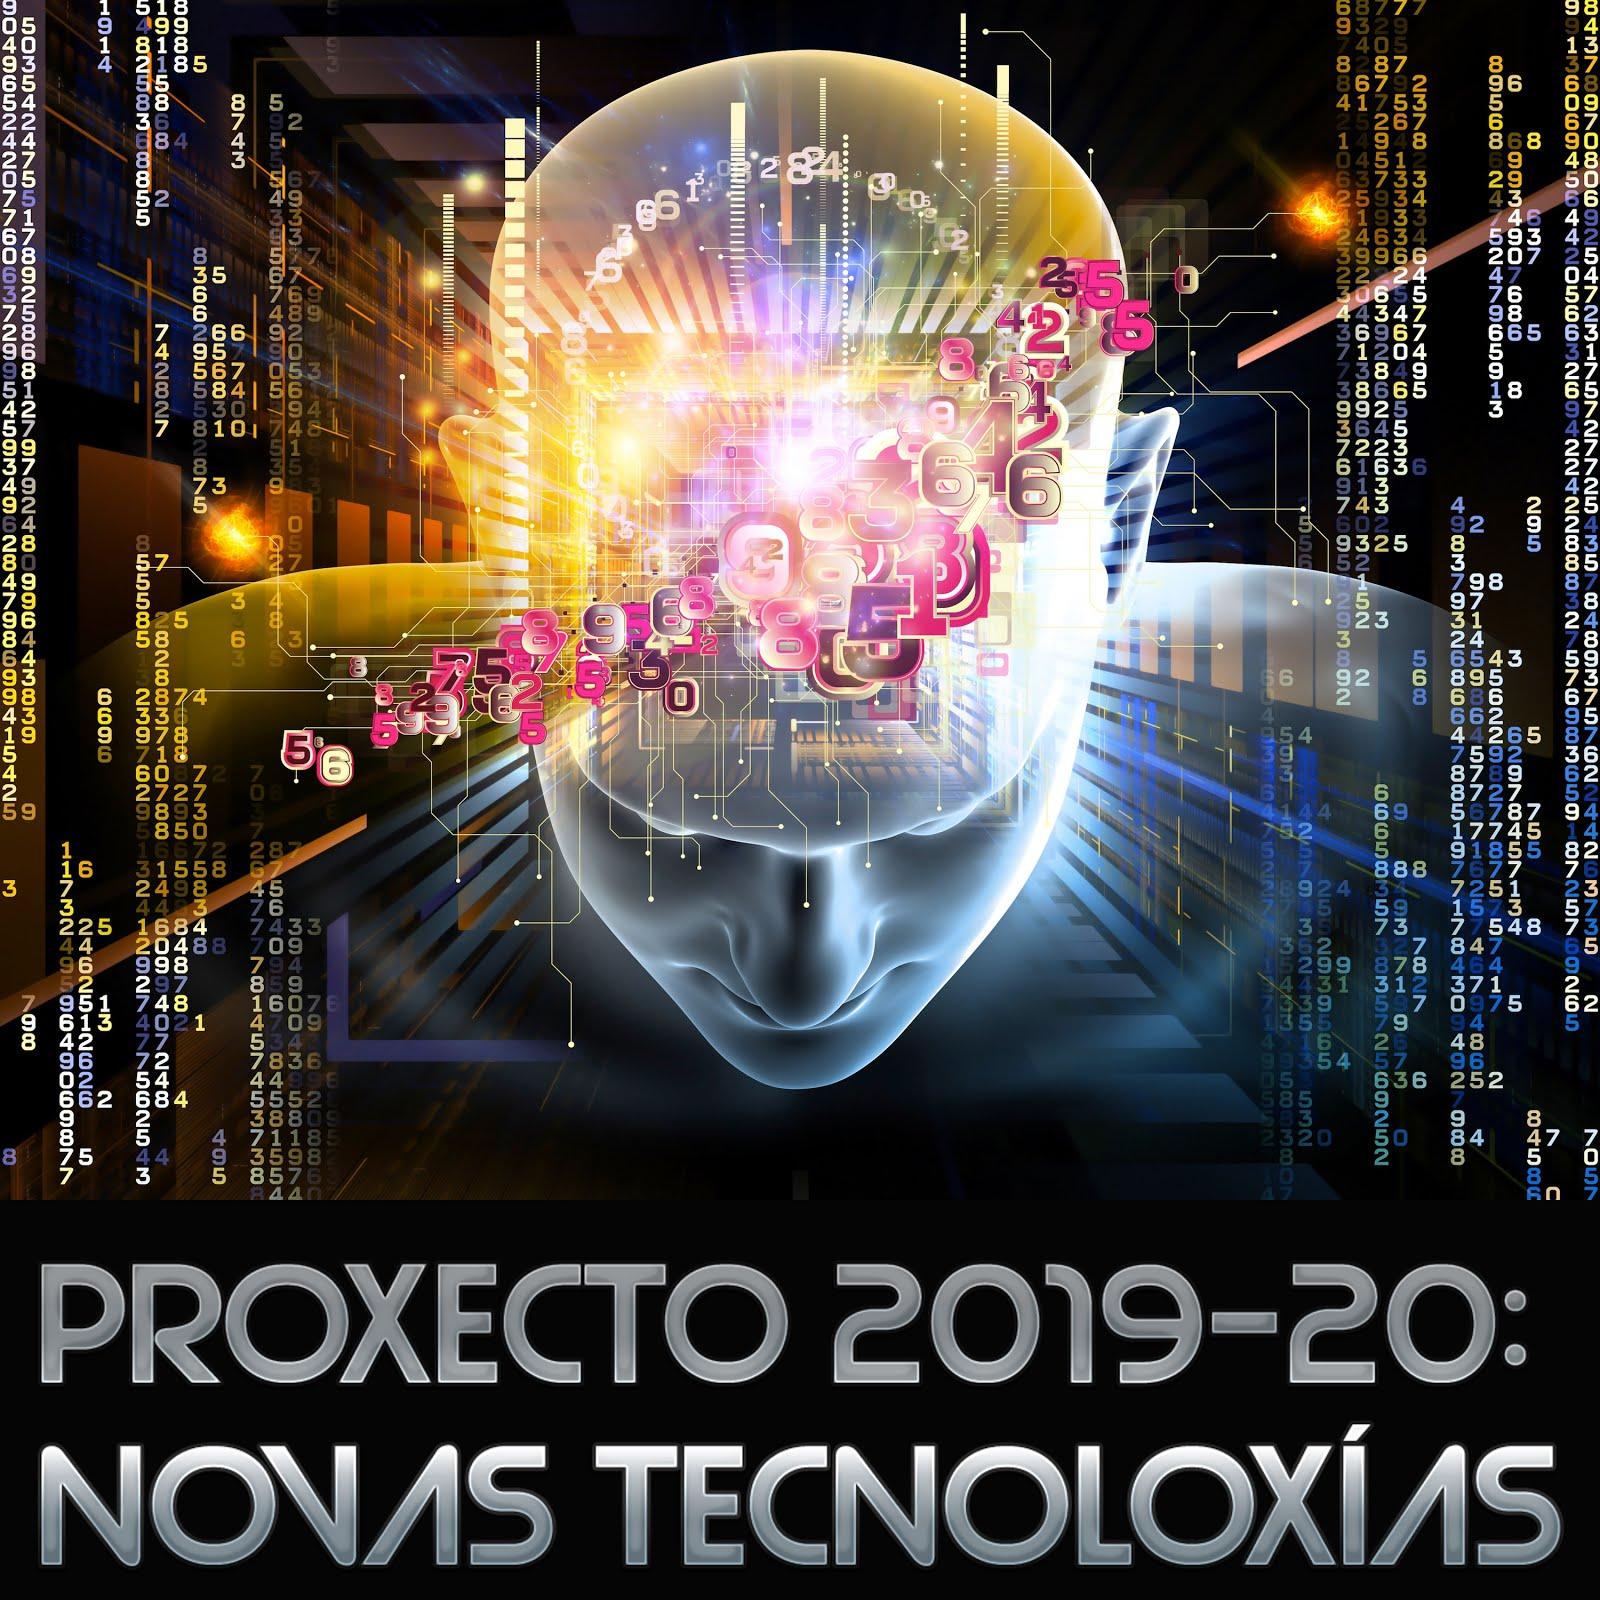 Proxecto2019-20